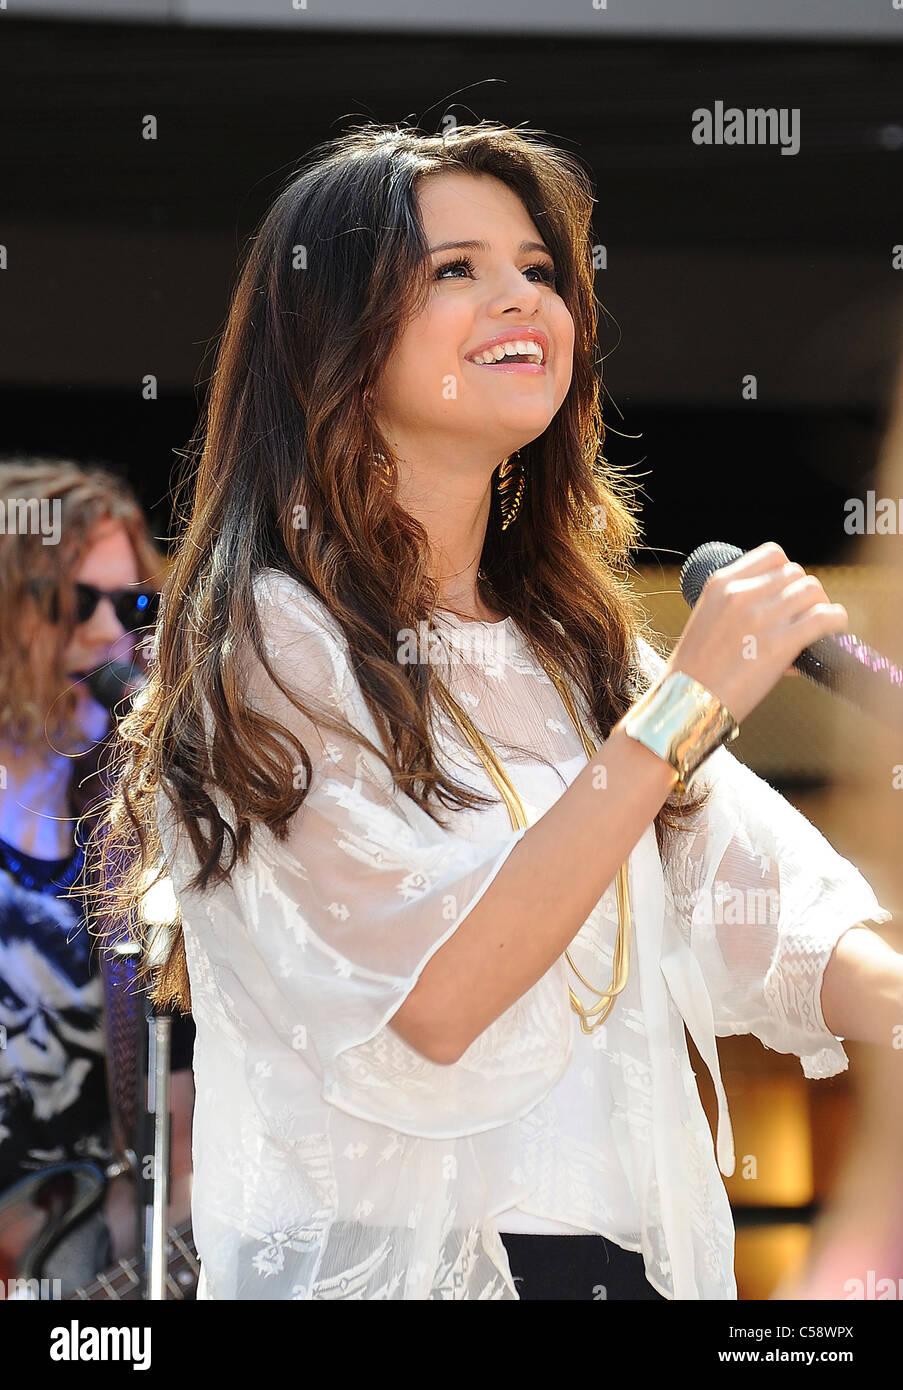 SELENA GOMEZ  US film actress and pop singer in June 2011. Photo Jeffrey Mayer - Stock Image